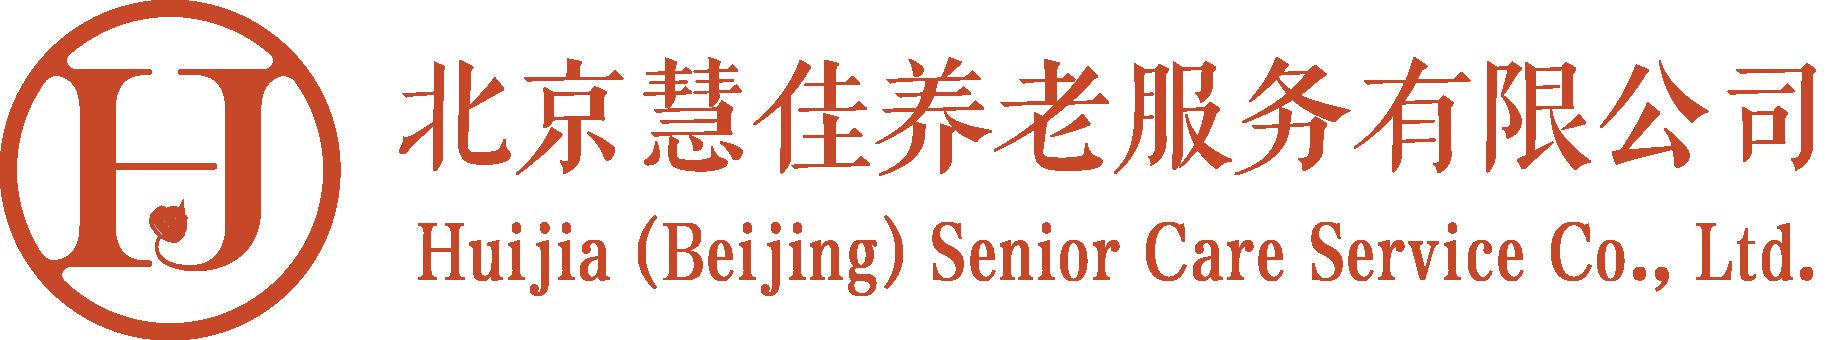 北京慧佳养老服务有限公司